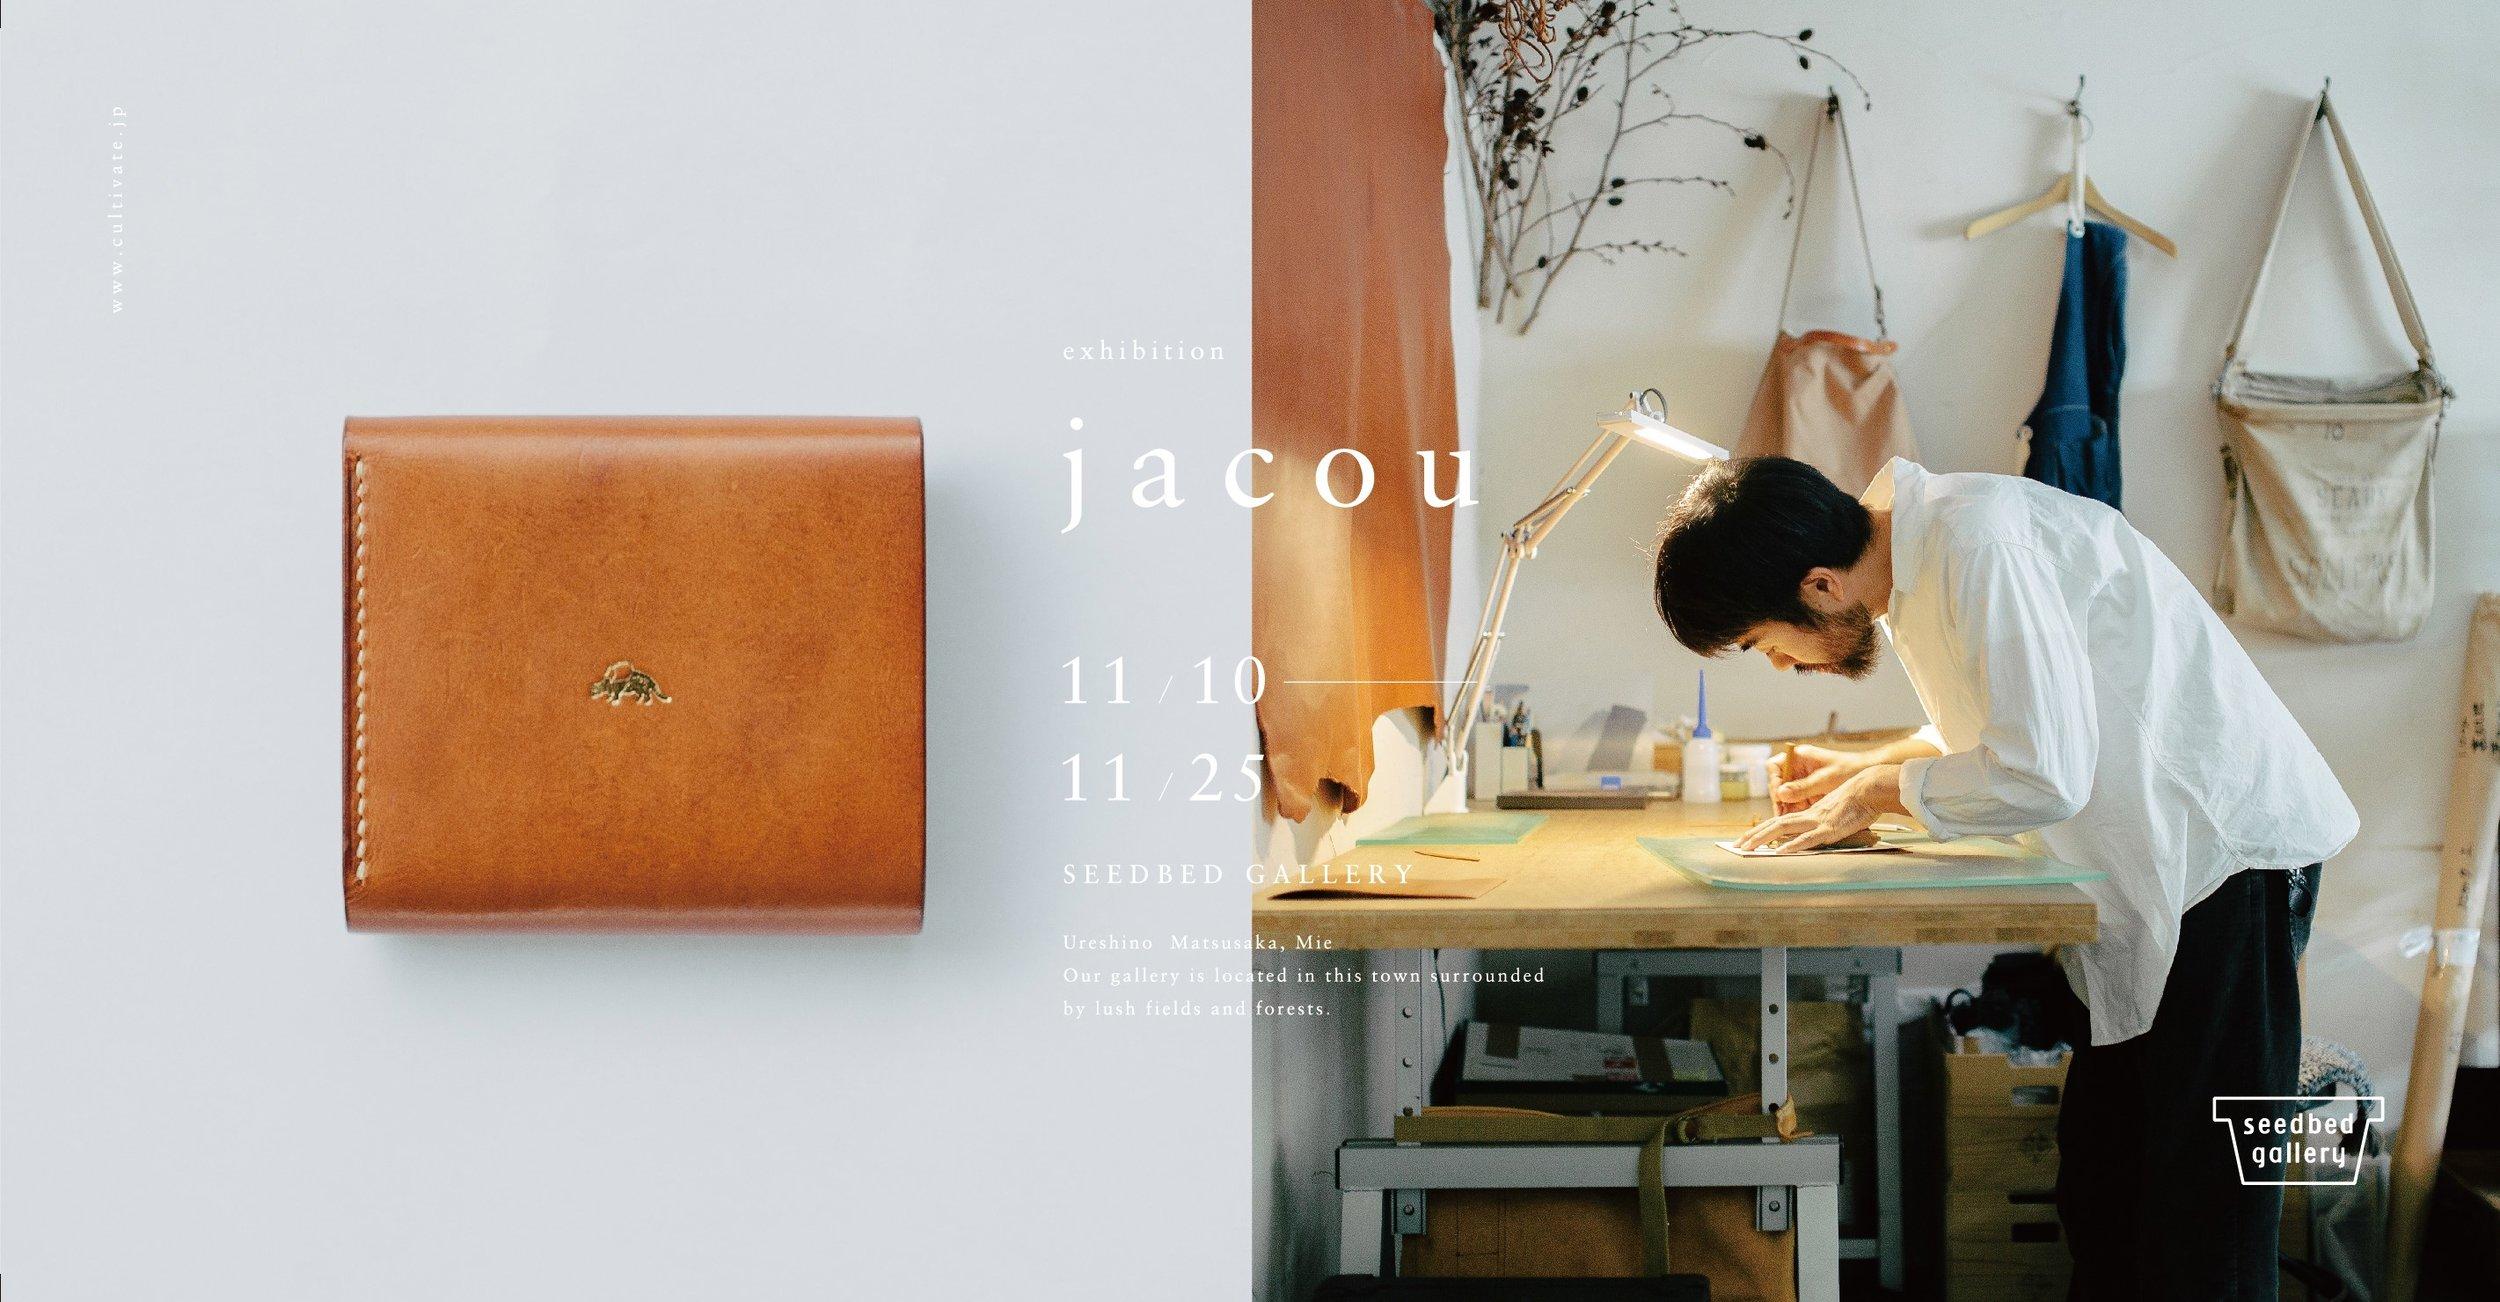 jacou展/2018.11.10-11.25